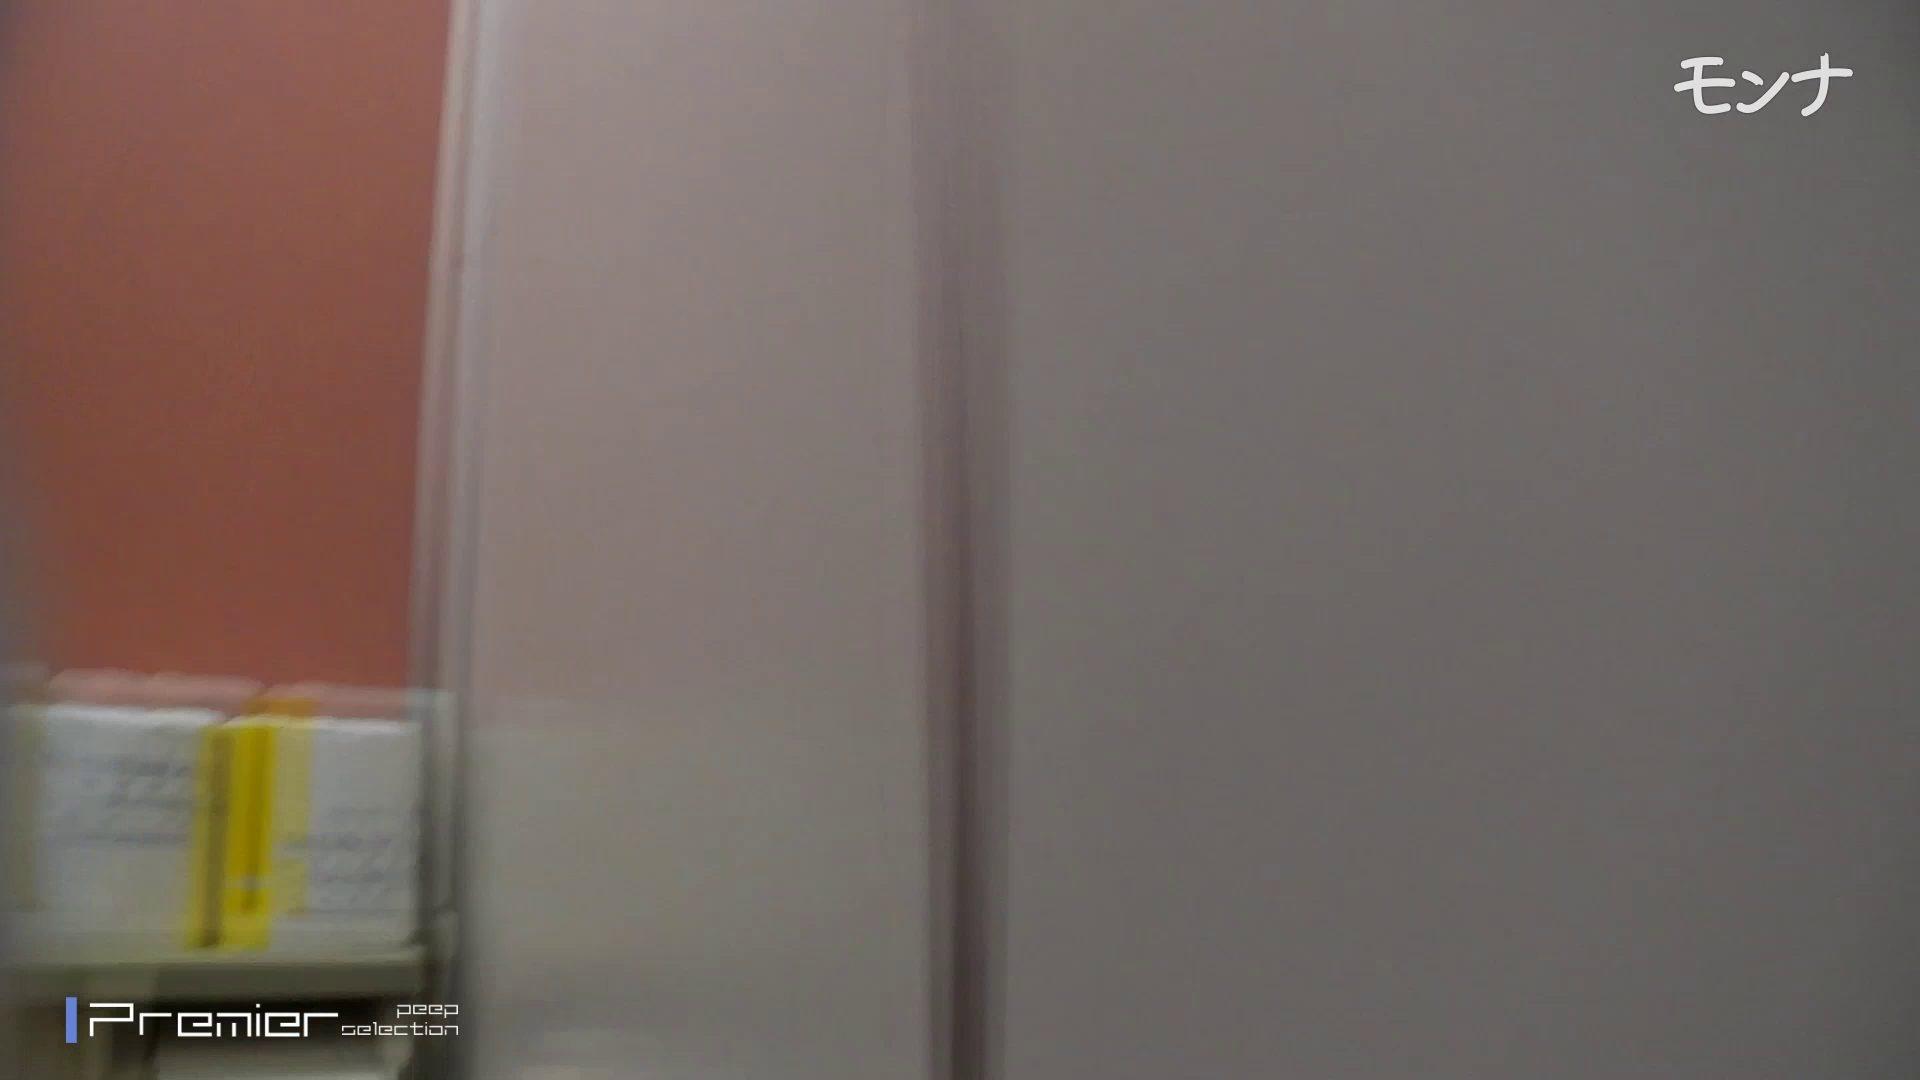 美しい日本の未来 No.55 普通の子たちの日常調長身あり ギャル おめこ無修正動画無料 54pic 27